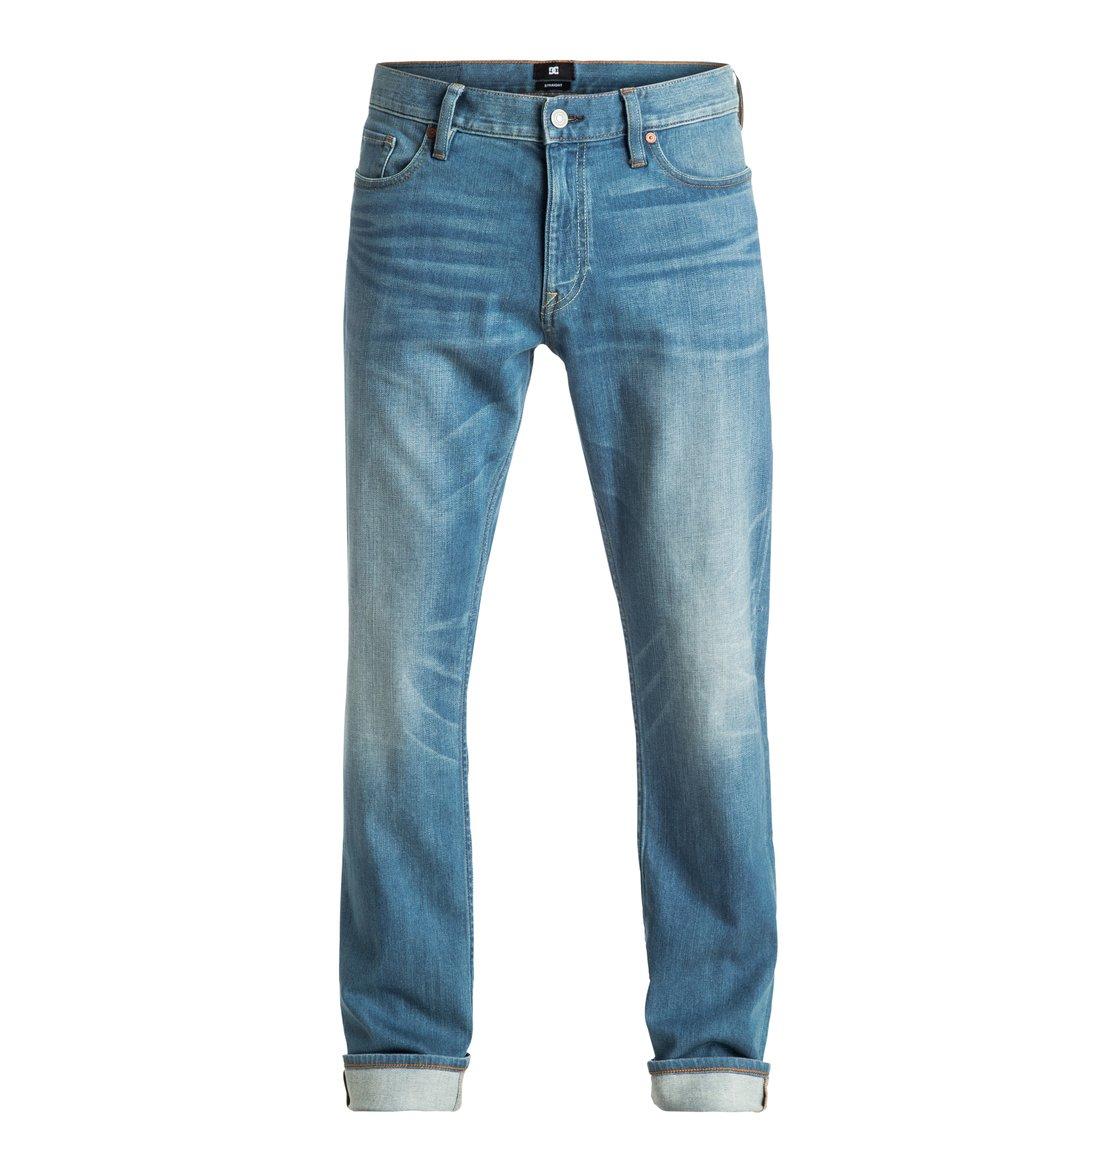 Joe's Jeans Men's Folsom Dark-Wash Straight-Leg Jeans, Clinton Details Joe's Jeans